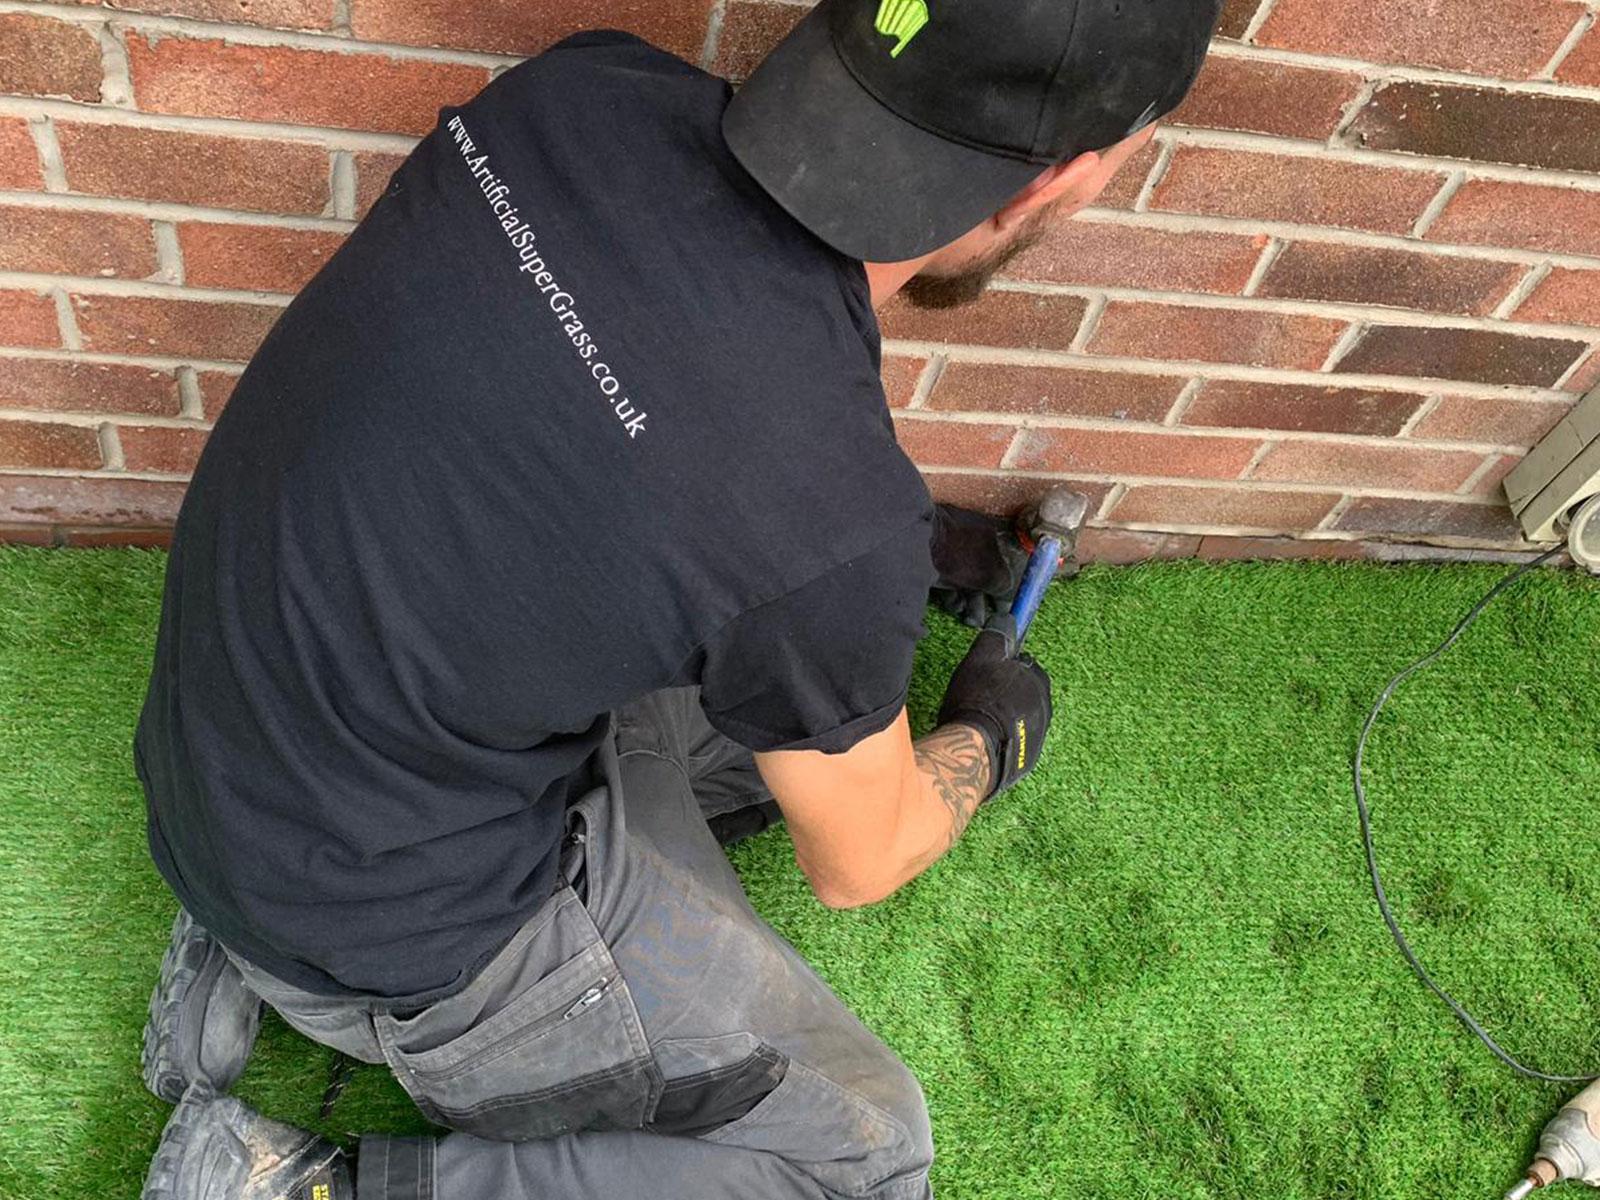 Best Artificial Grass Malton Artificial Super Grass